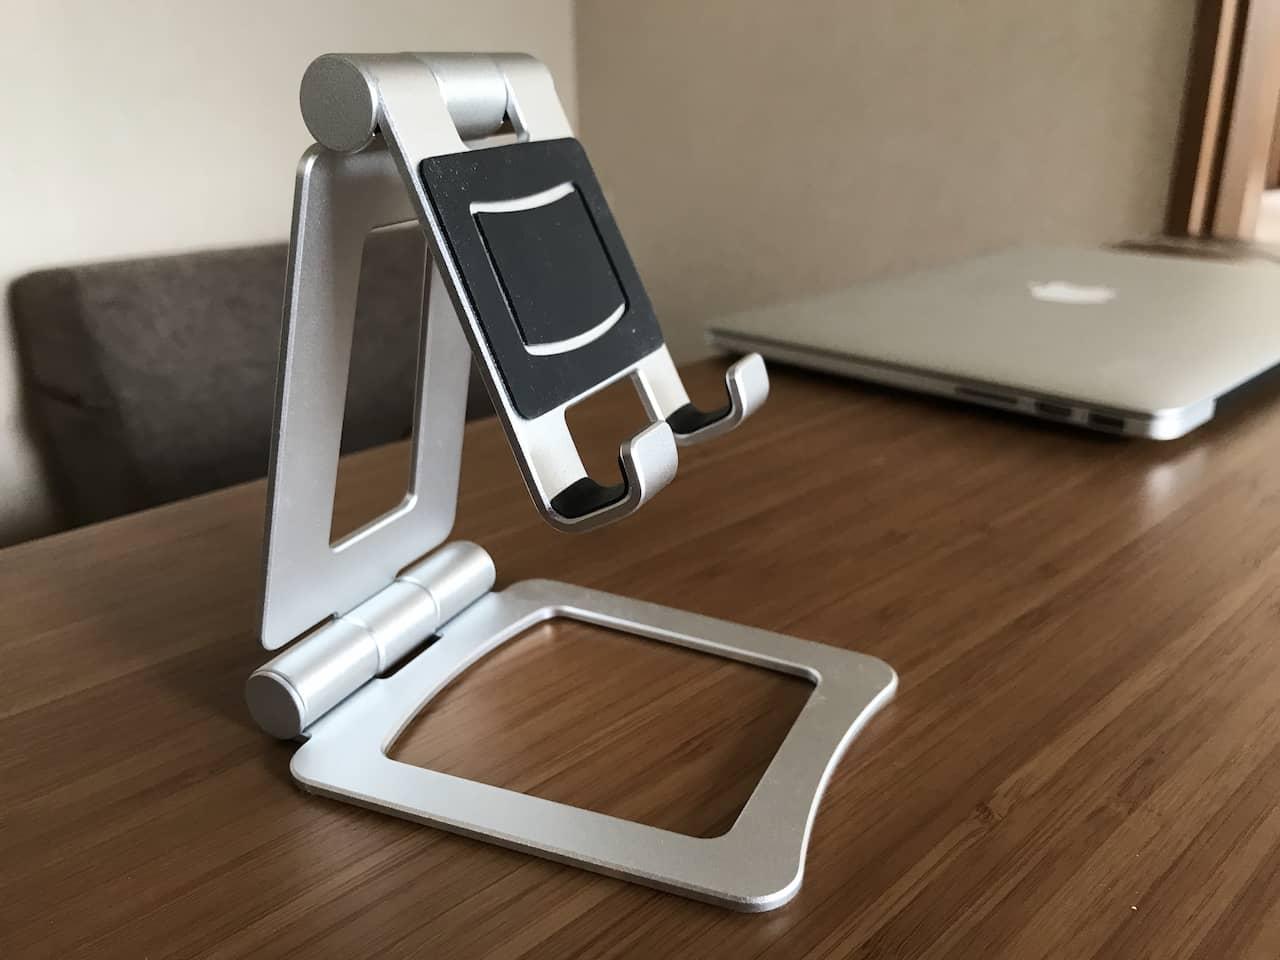 シルバーの金属製タブレットスタンドにゴムの滑り止めがついています。